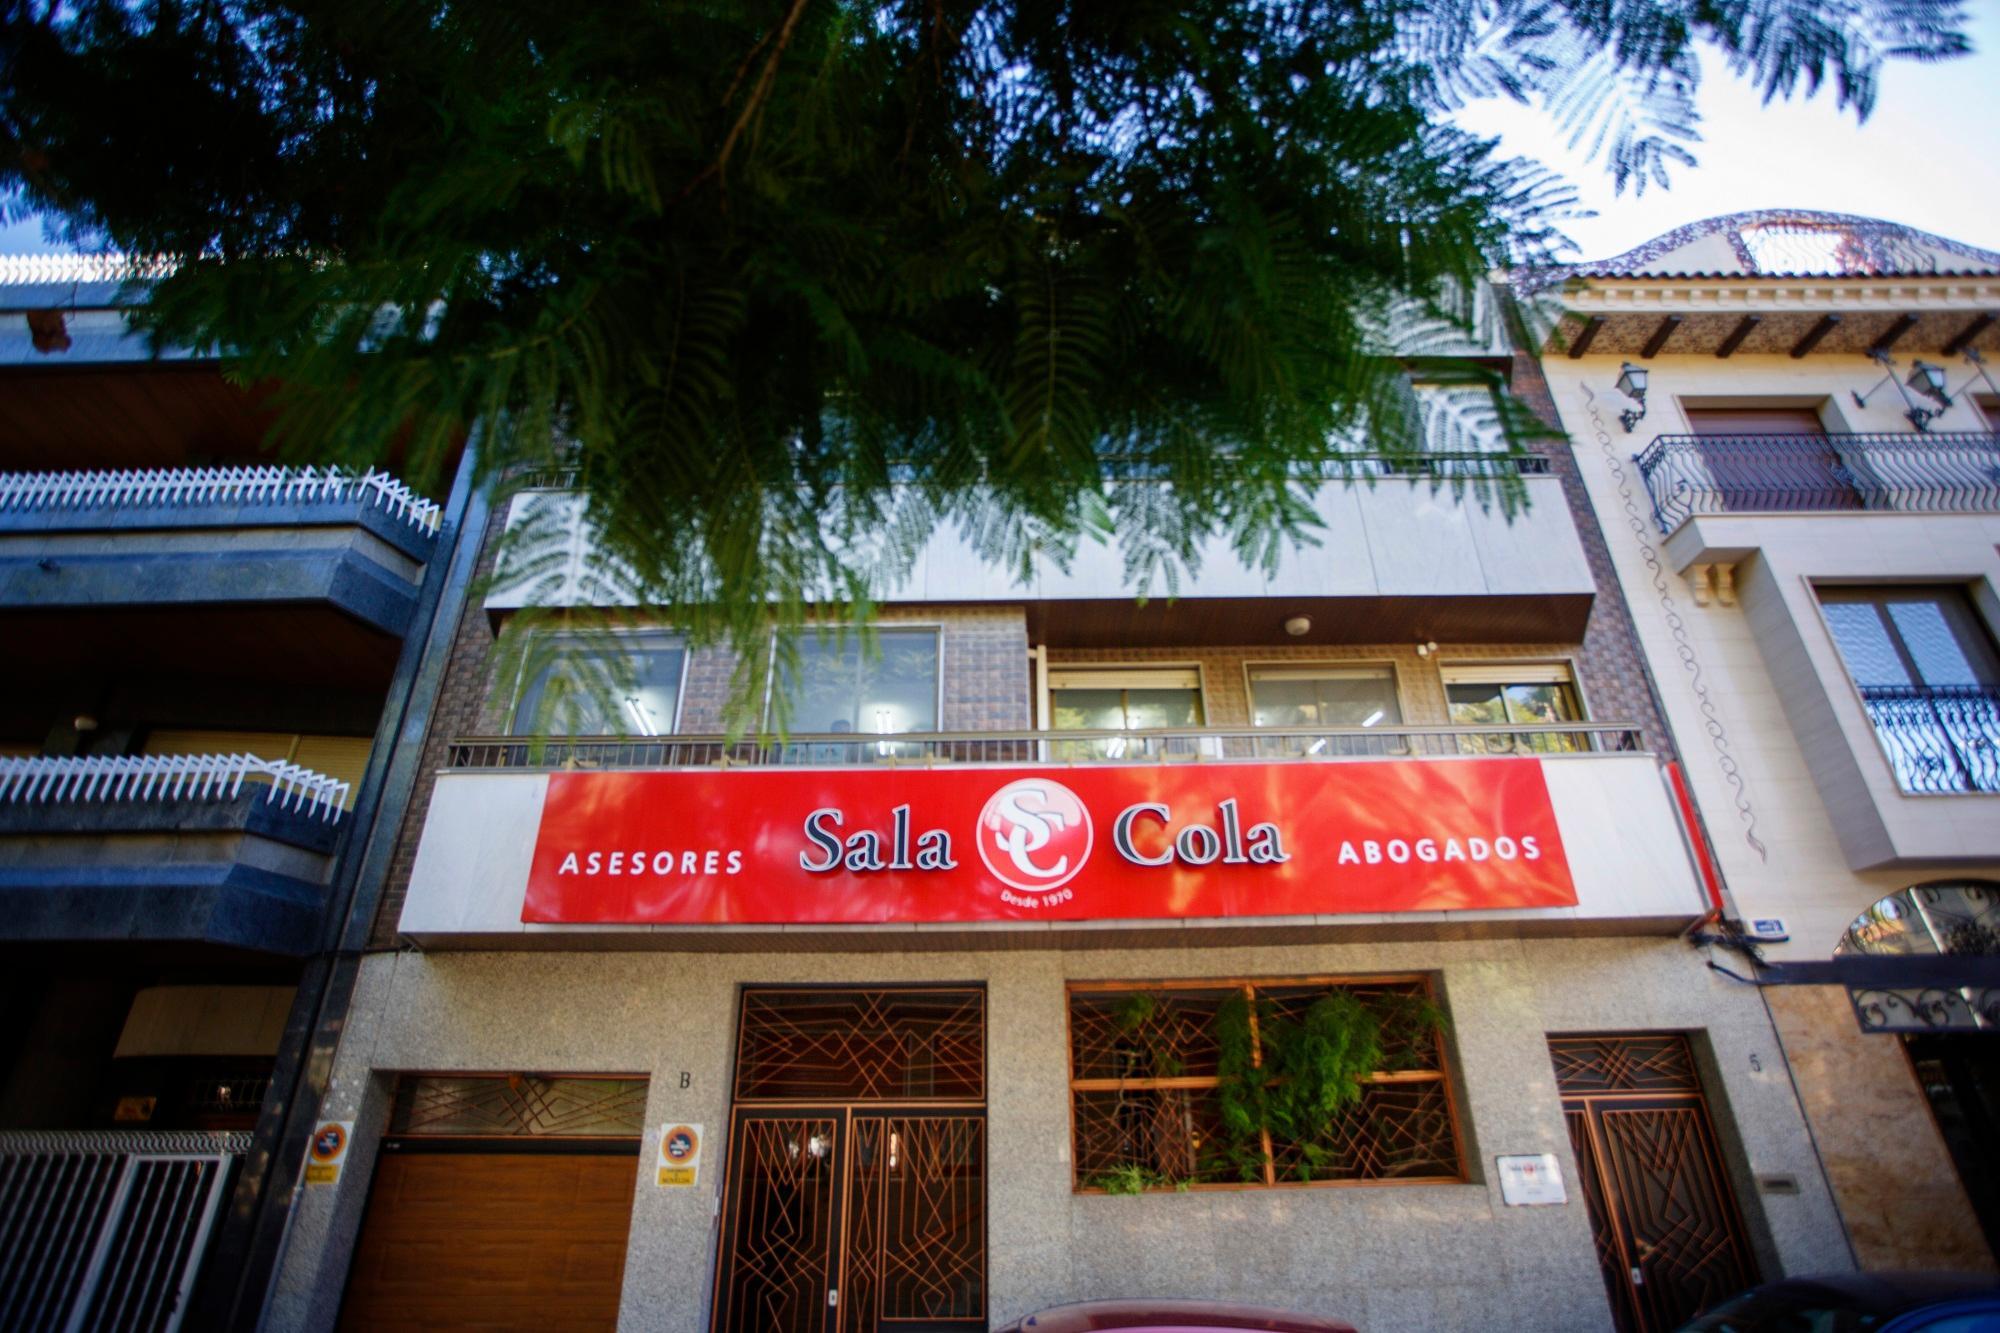 Sala Cola -Asesores y Abogados-